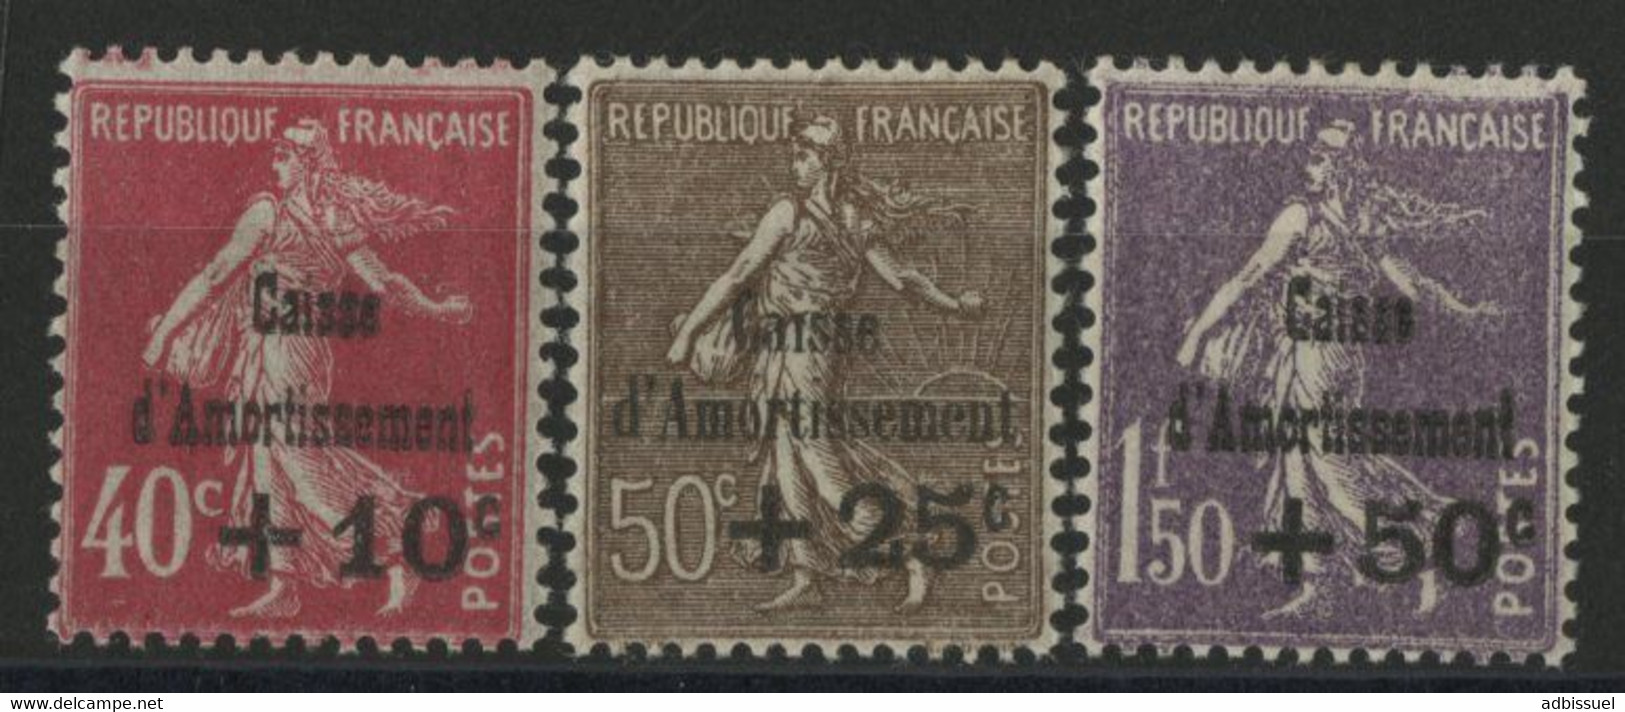 N°266 à 268 CAISSE D'AMORTISSEMENT Troisième Série Neufs * (MH) Cote 150 € TB Vendus à 10 % De La Cote. - Unclassified